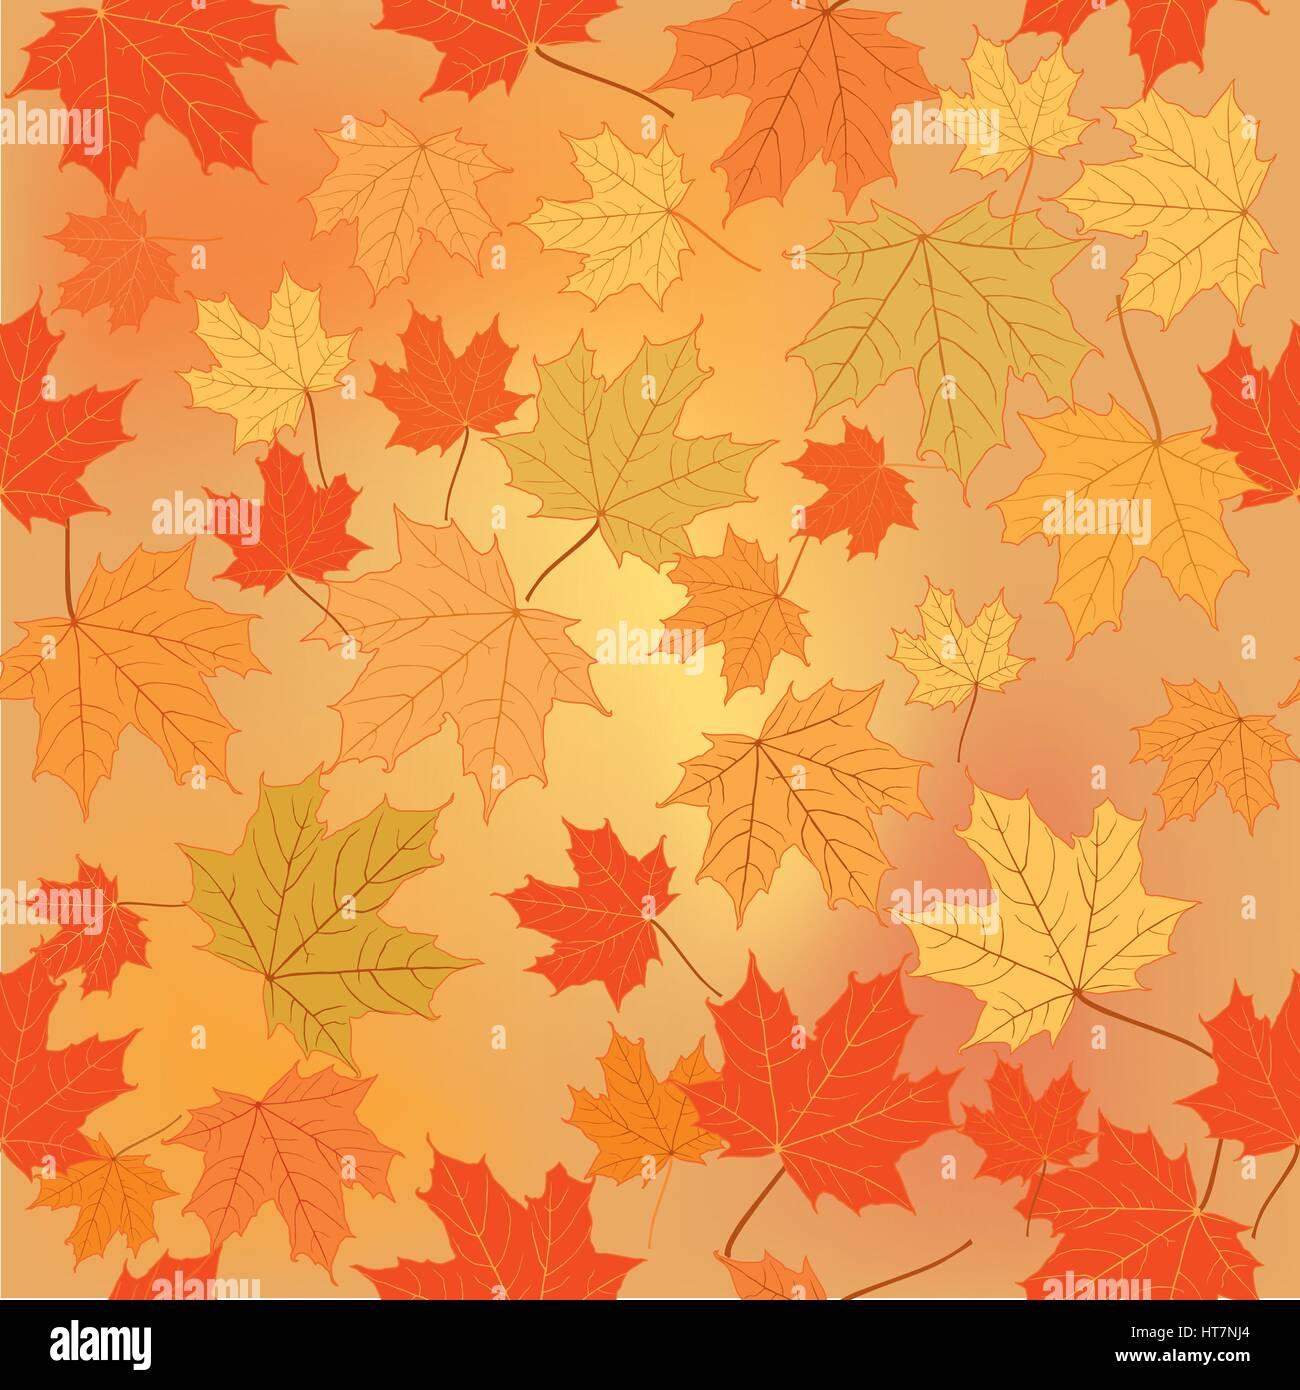 Herbst Blatt Natur Herbstlaub Hintergrund Jahreszeit floralen Muster ...